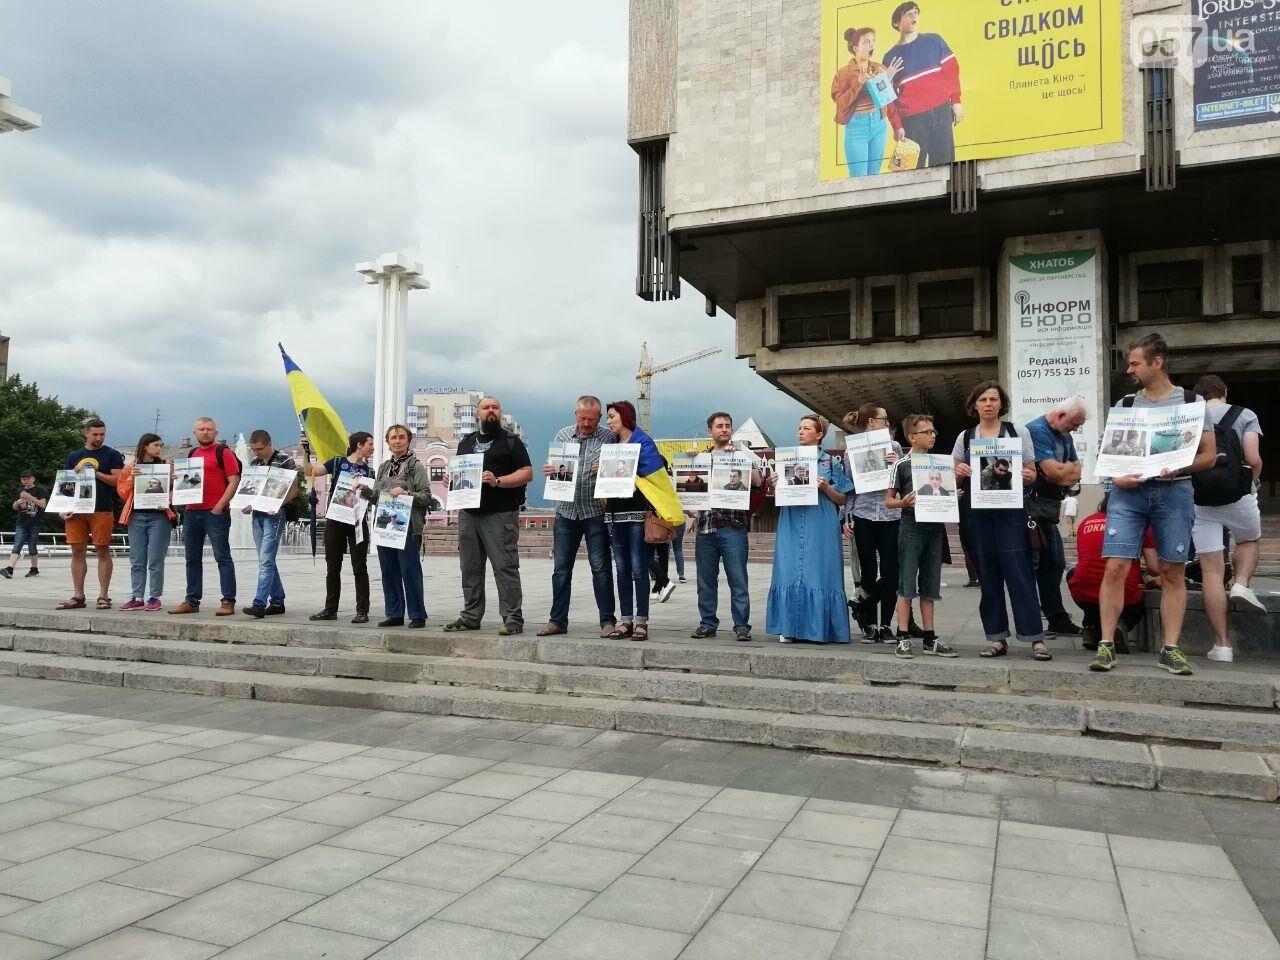 «Верните их в родную гавань»: в Харькове прошла акция в поддержку пленных украинских моряков, - ФОТО, фото-8